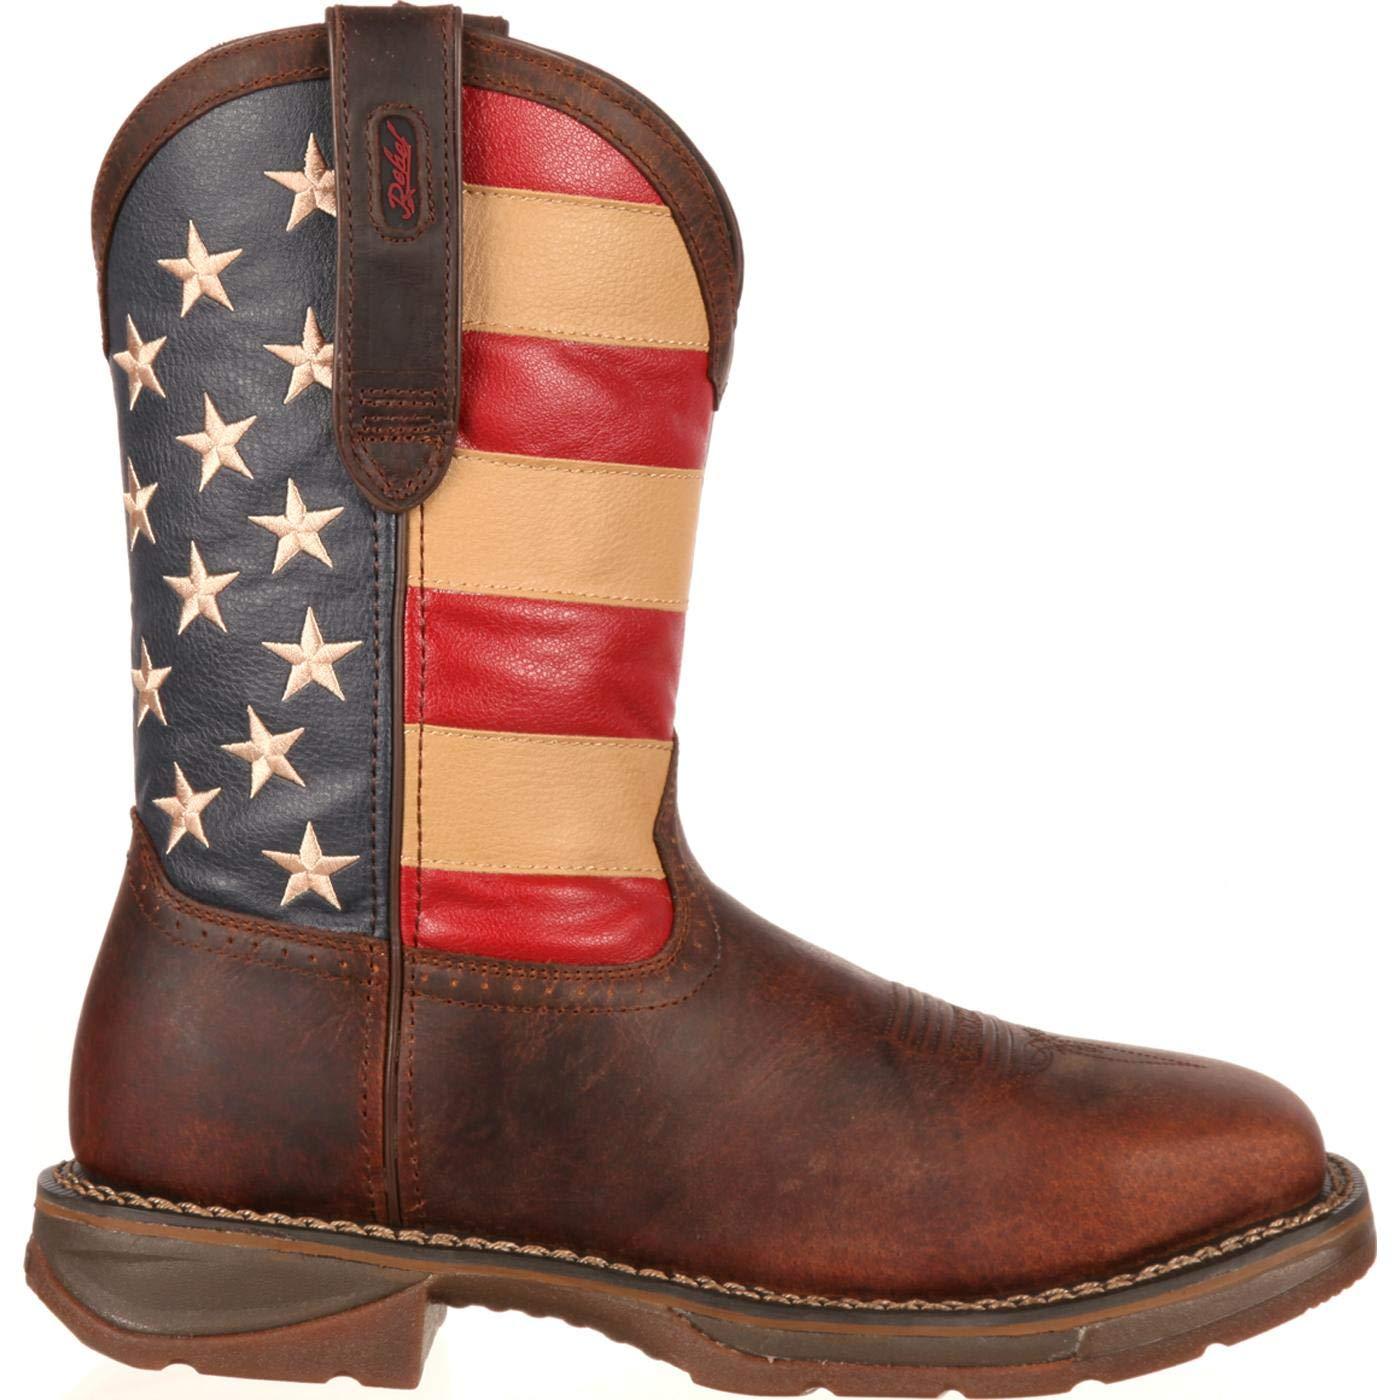 3cffcd7e915 Durango Rebel Steel Toe Flag Western Flag Boot